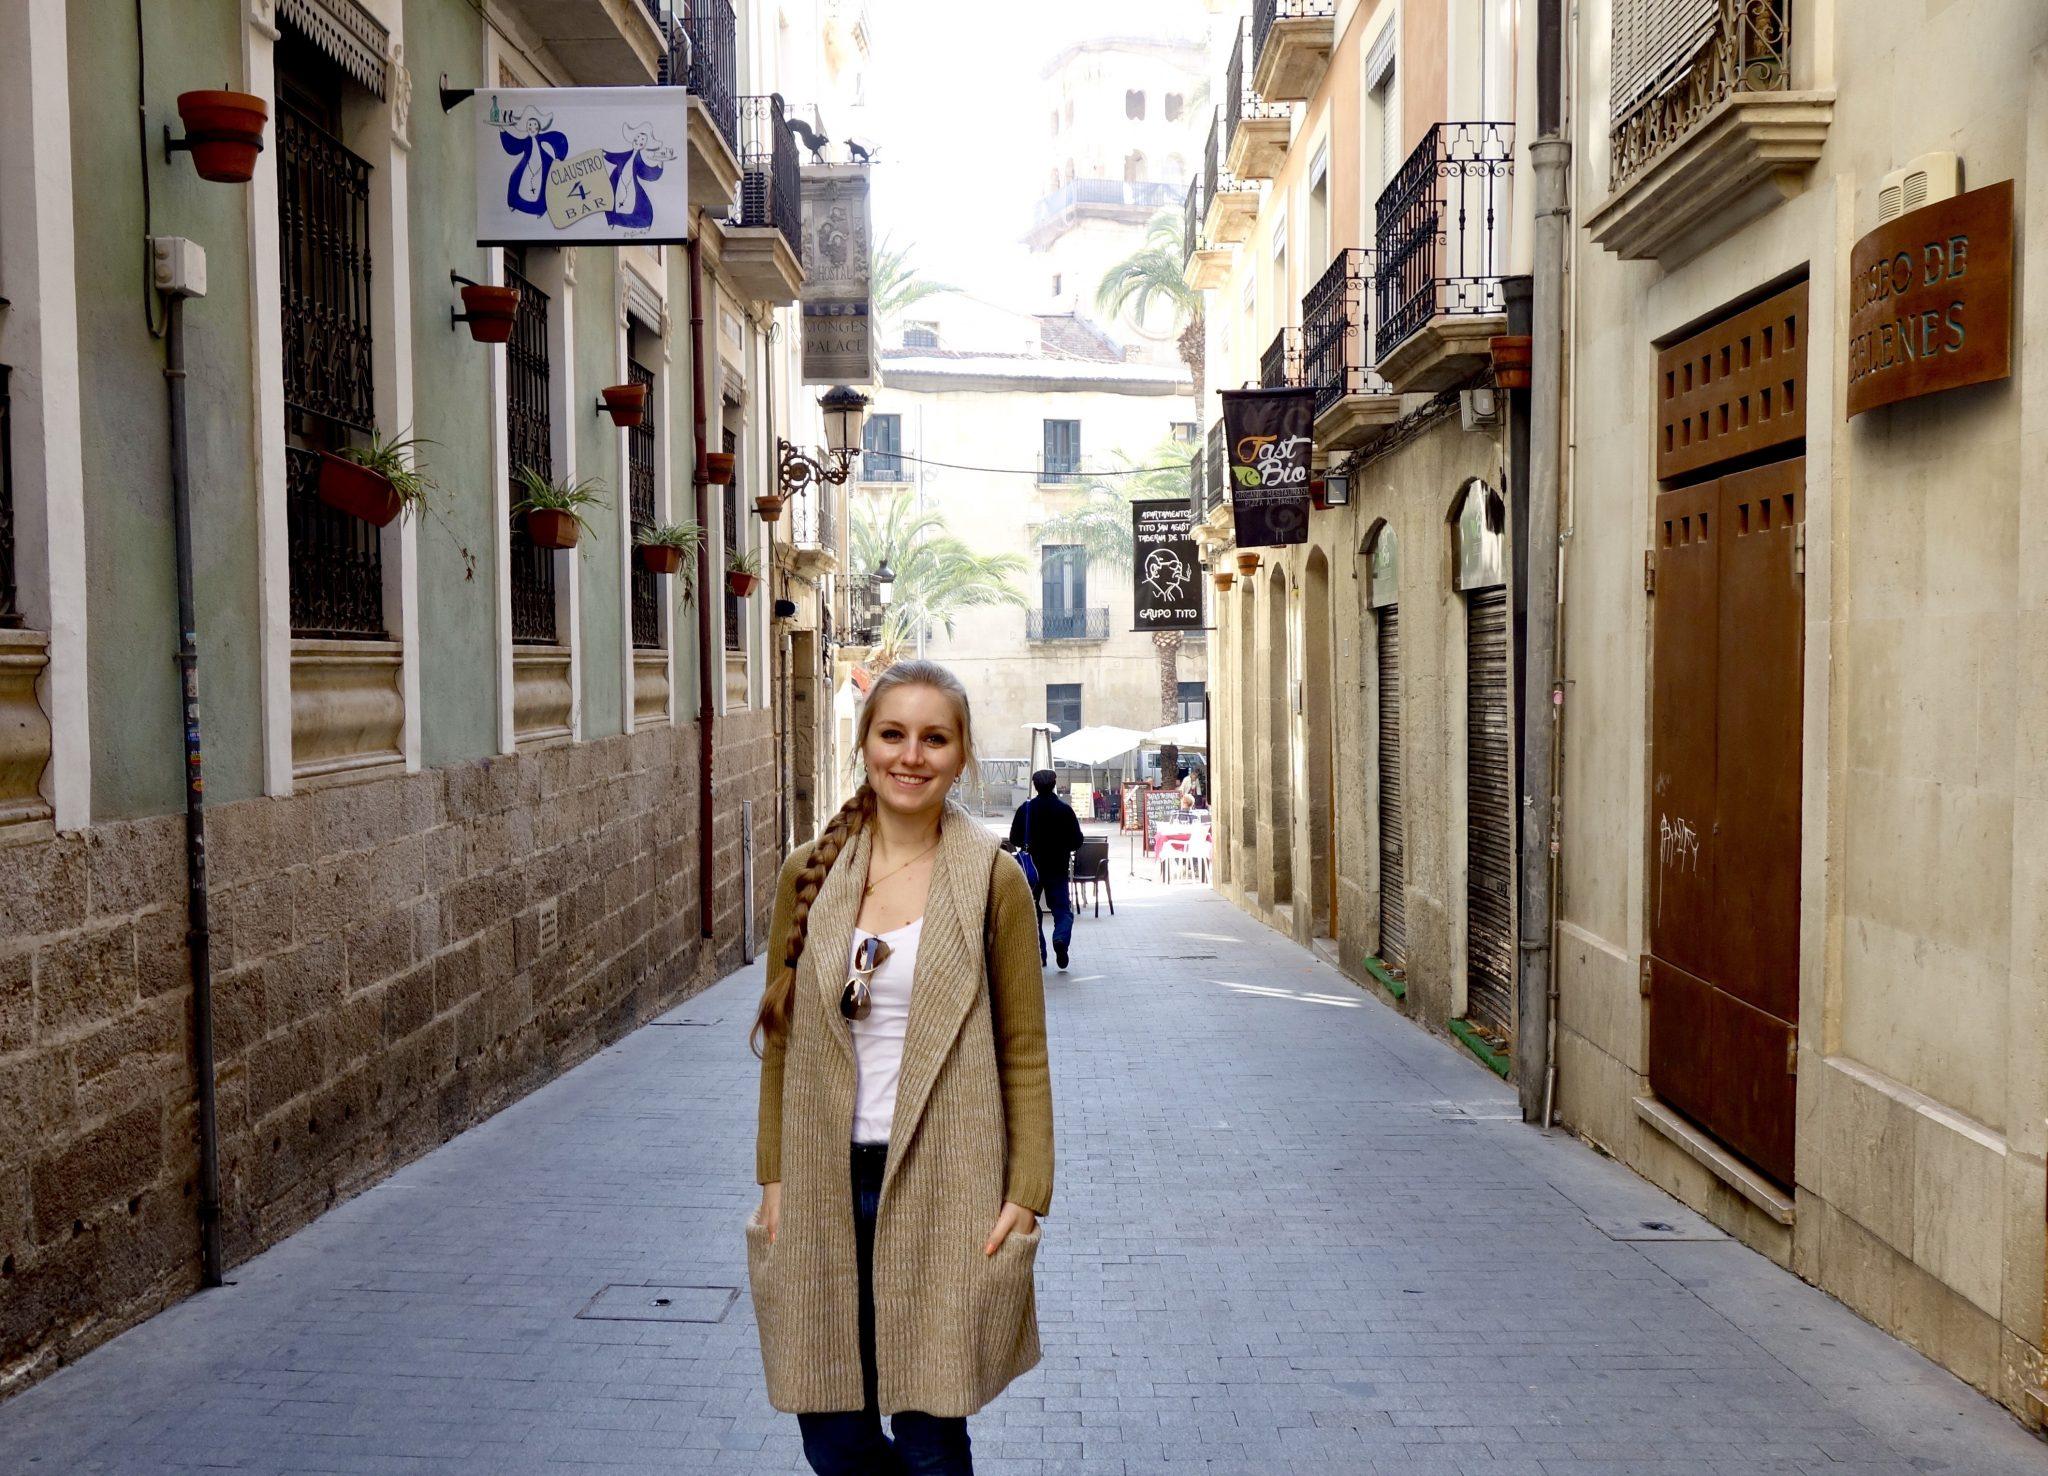 Alicante, Altstadt: auch hier sind kaum Menschen, waren die vielleicht die ganze Nacht feiern?